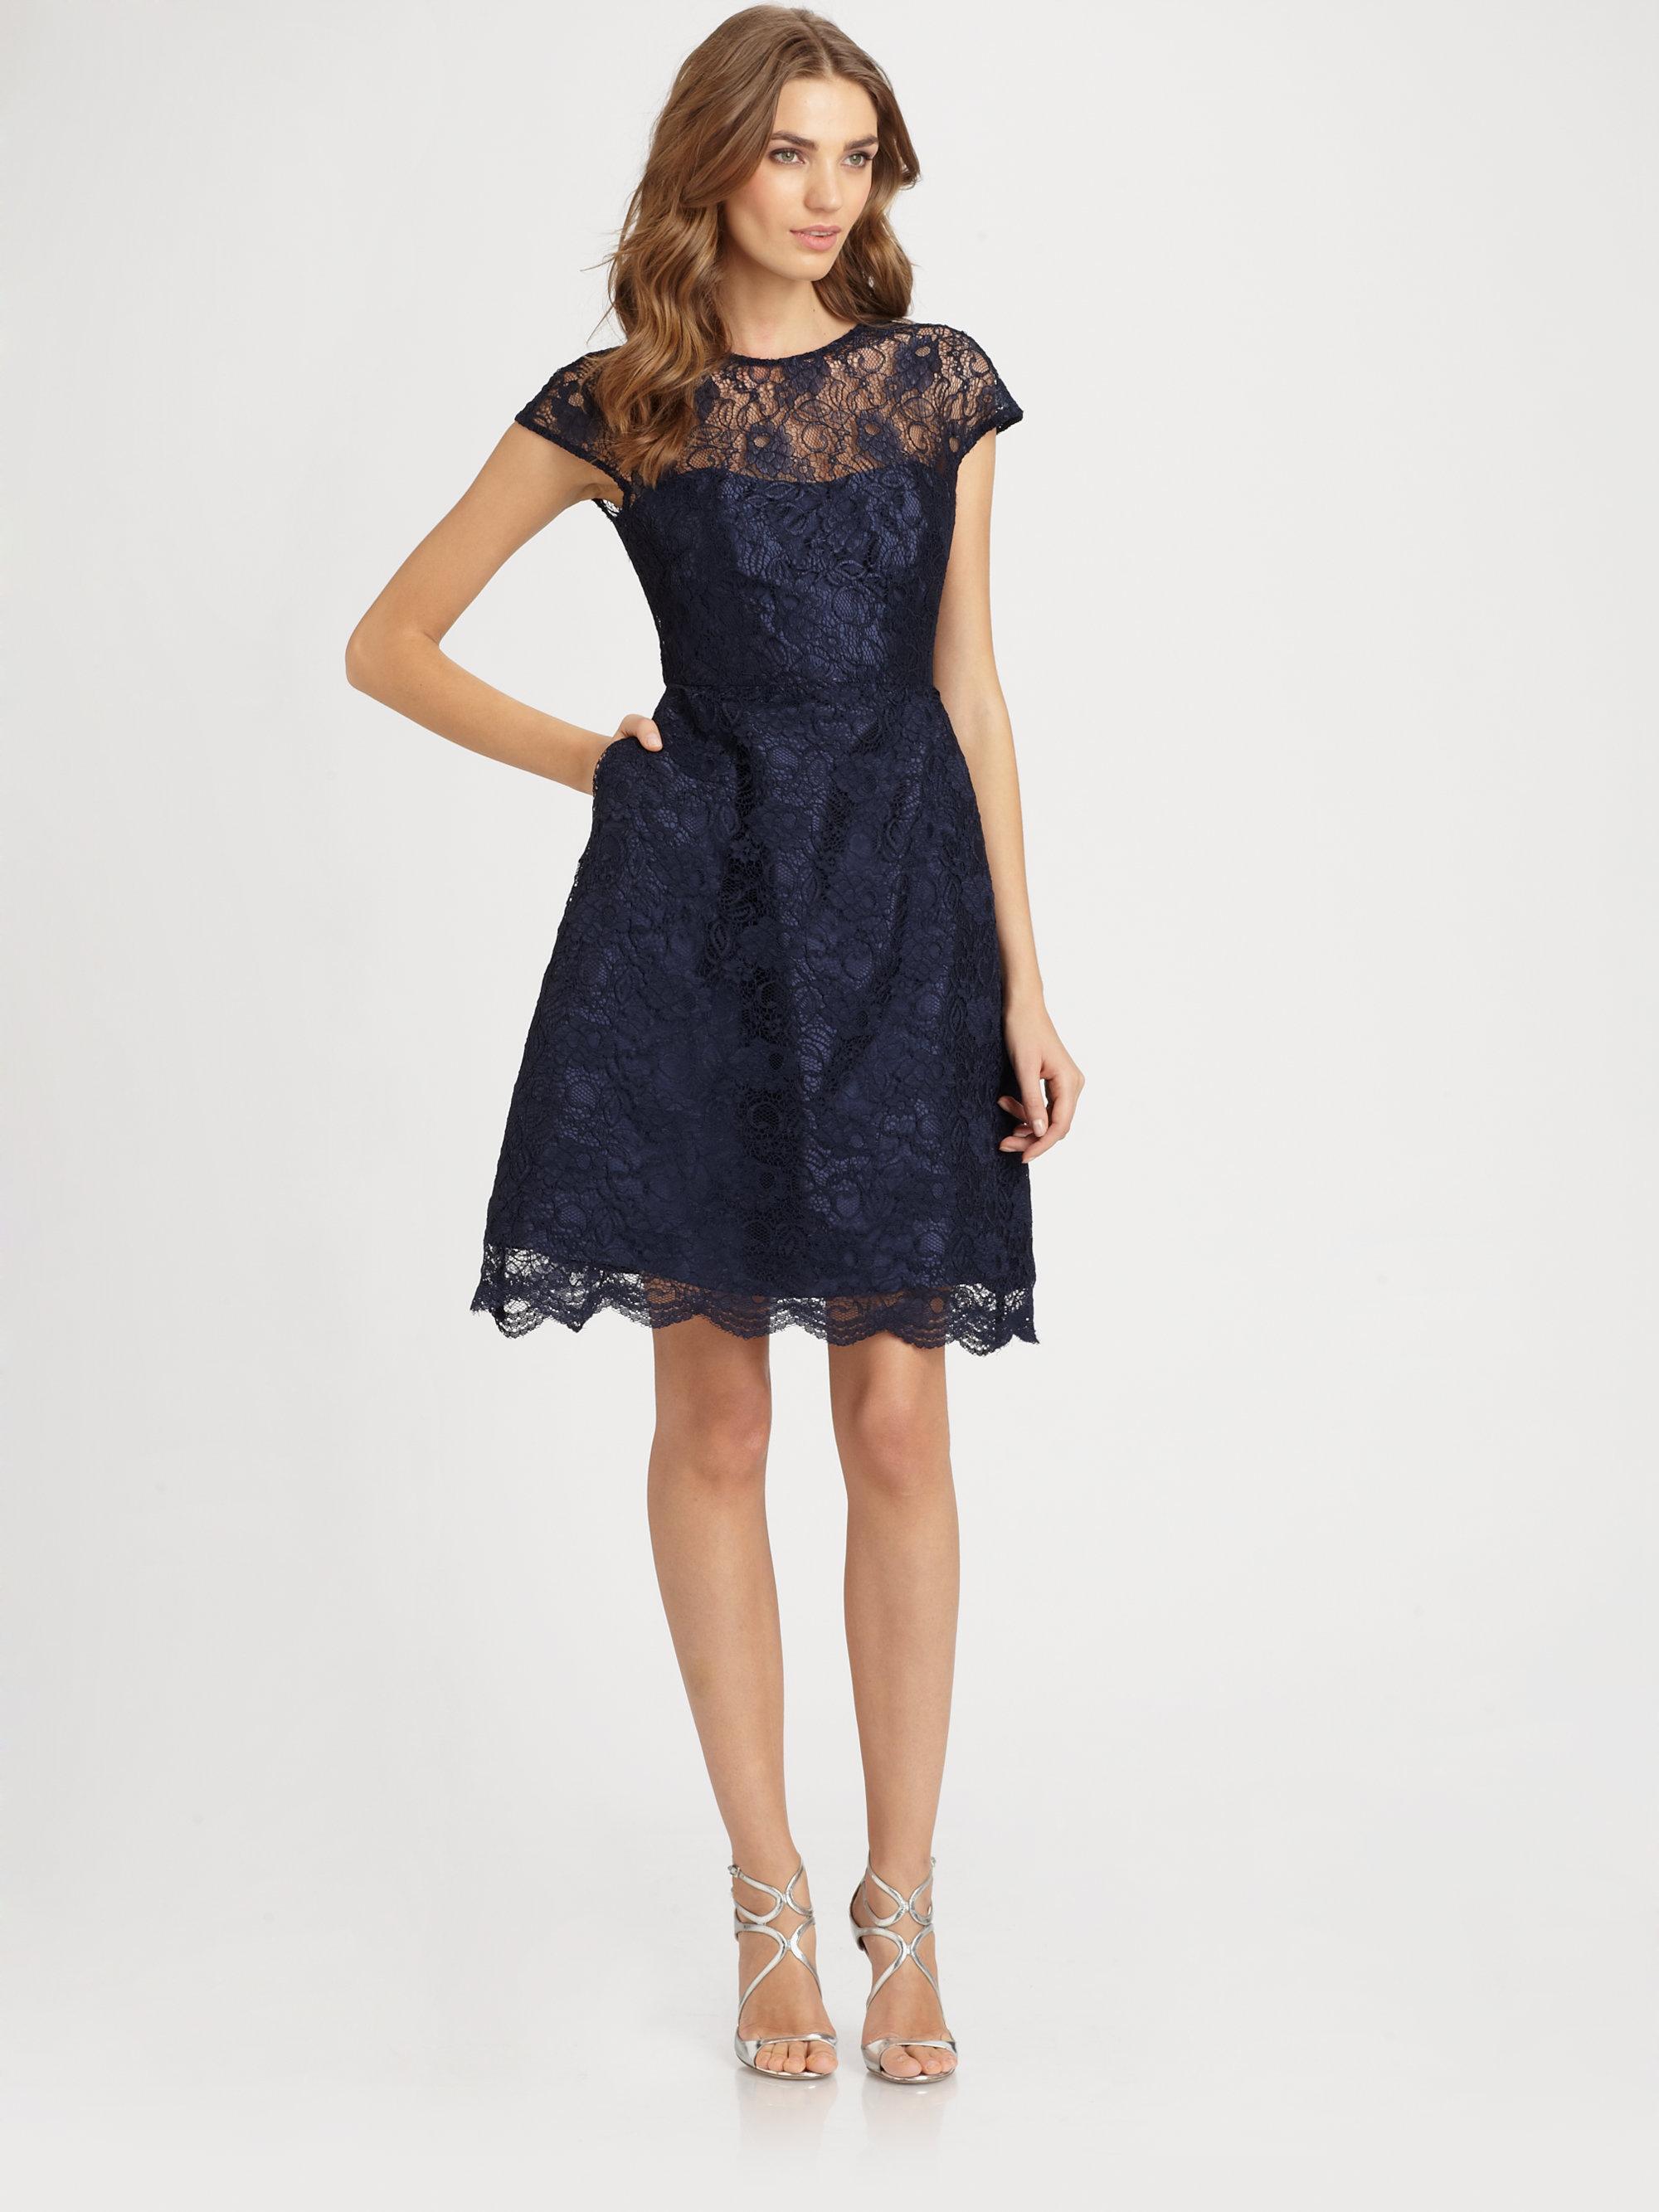 Monique Lhuillier Blue Lace Dress Weddings Dresses